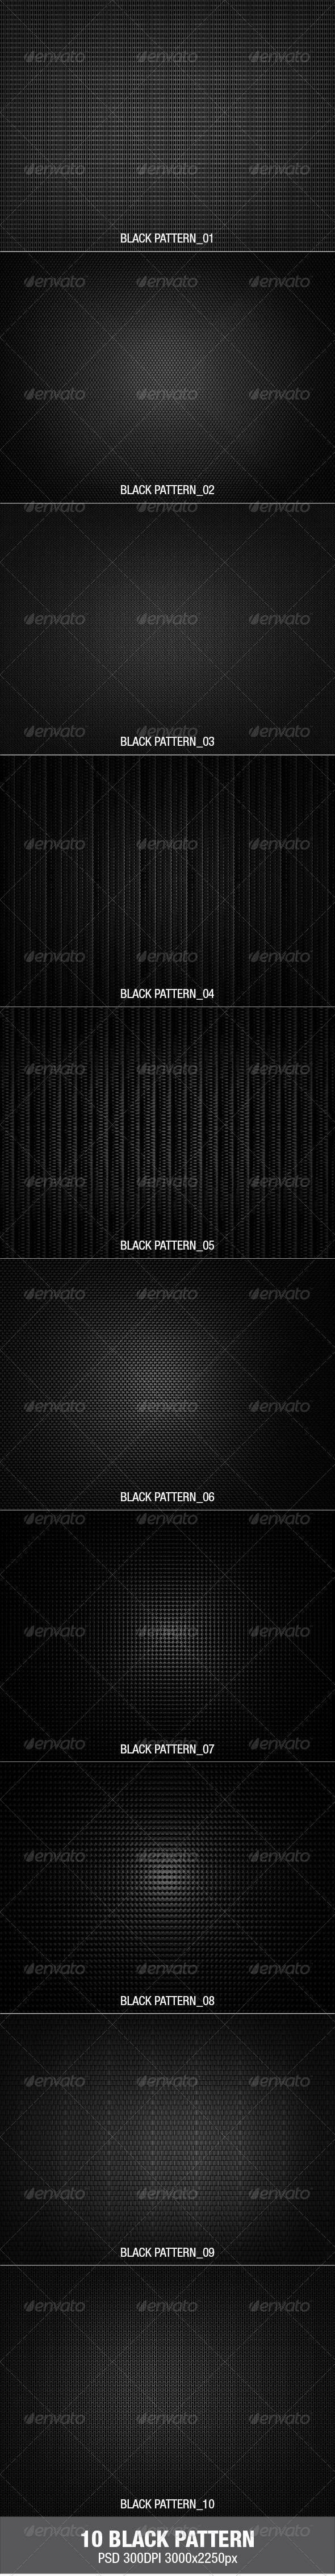 10 Black Pattern - Patterns Backgrounds